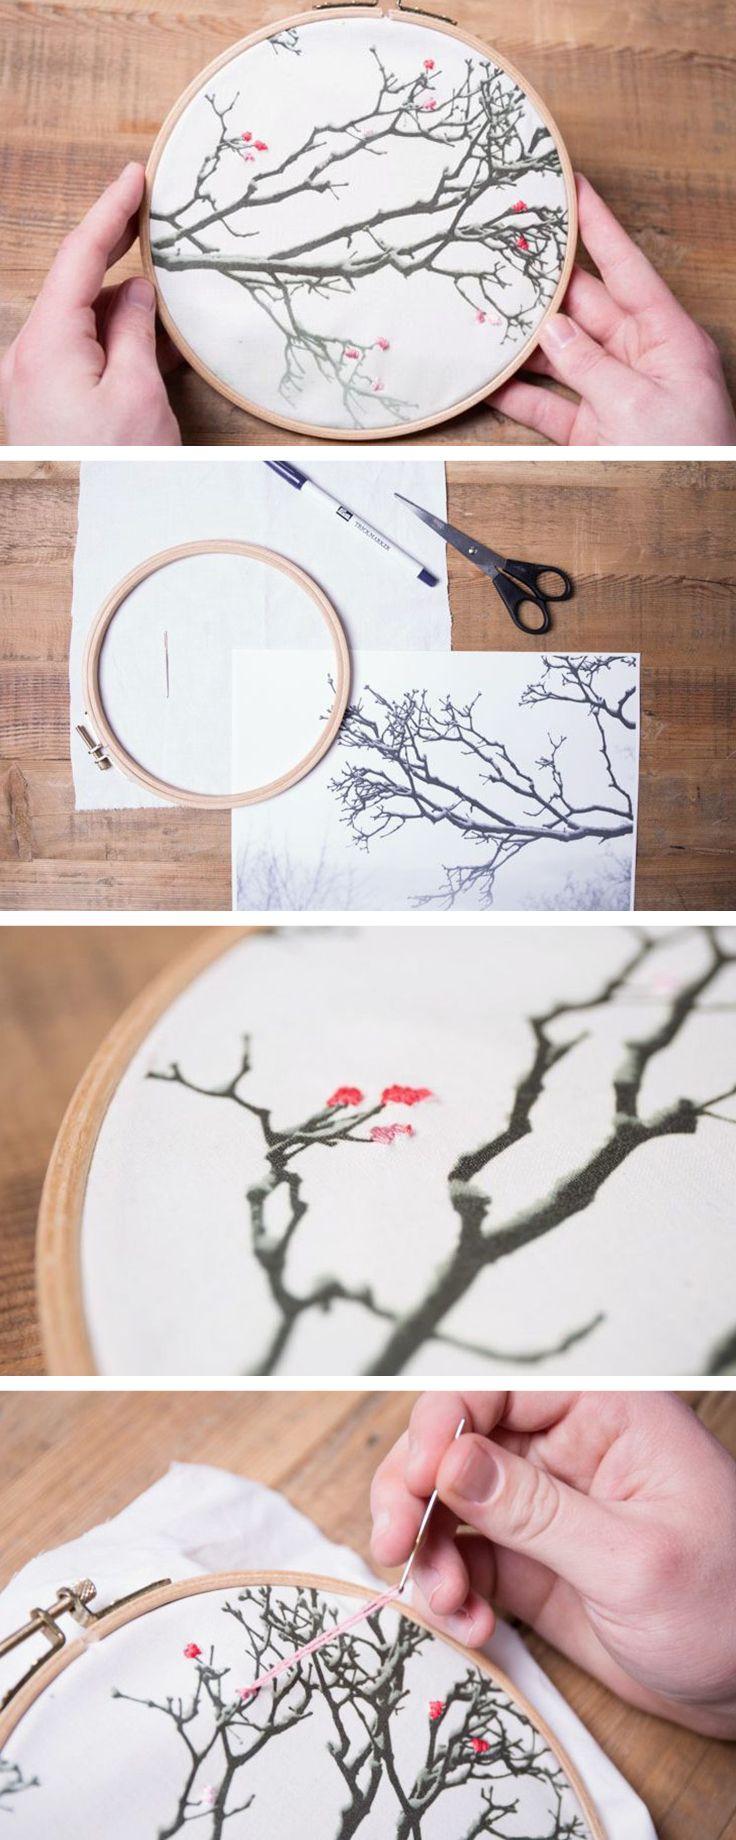 Ricamare una foto trasferita su tessuto: idea regalo perfetta da realizzare con le tue mani! http://it.dawanda.com/tutorial-fai-da-te/cucire/come-fare-quadretto-cerchio-ricamo-foto-trasferita-tessuto